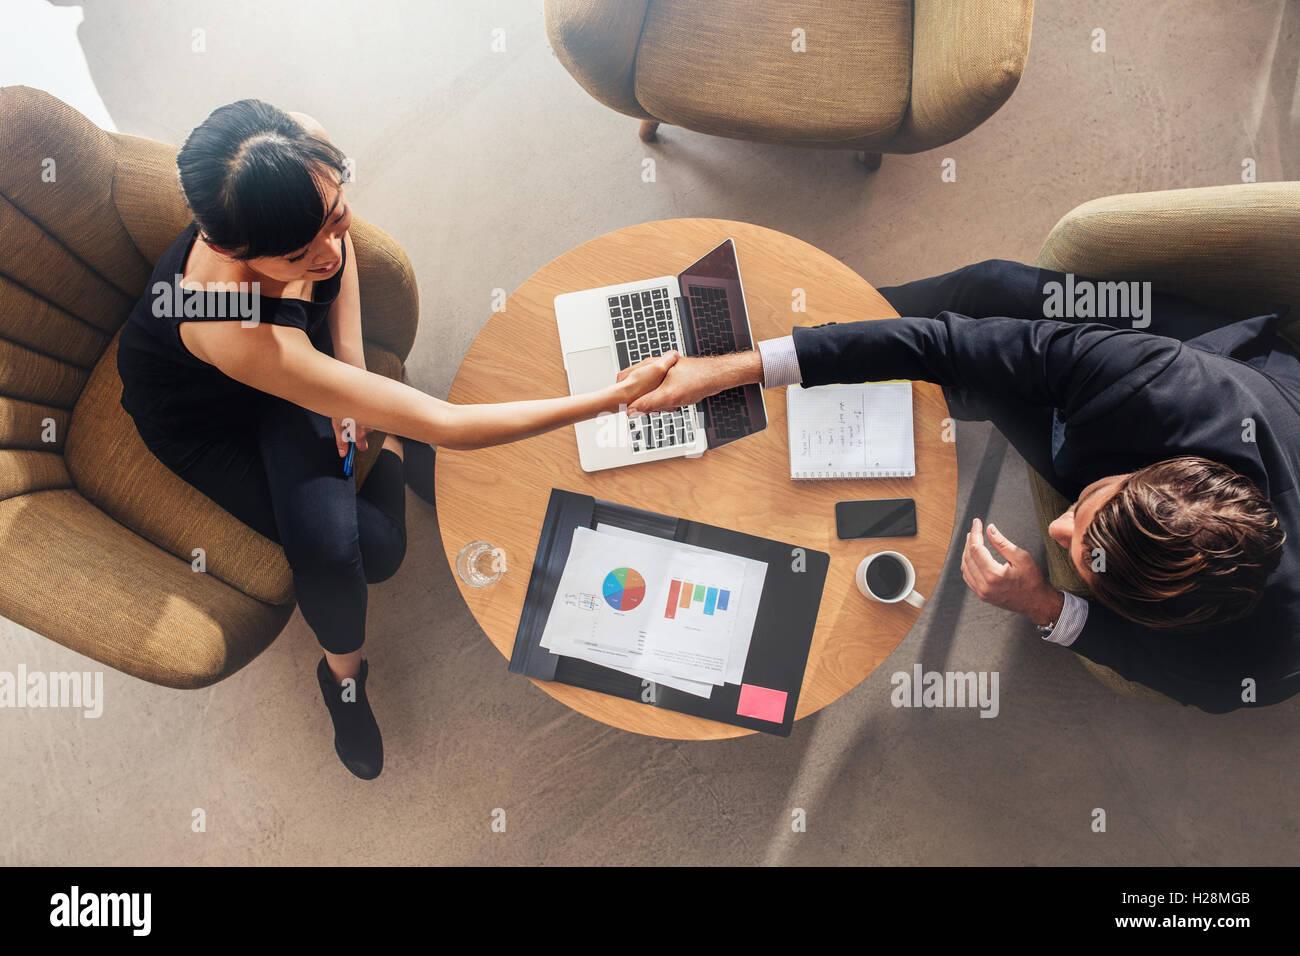 Draufsicht des jungen Kollegen Händeschütteln auf Deal. Charts und Laptop auf Tabelle, Statistiken und Stockbild